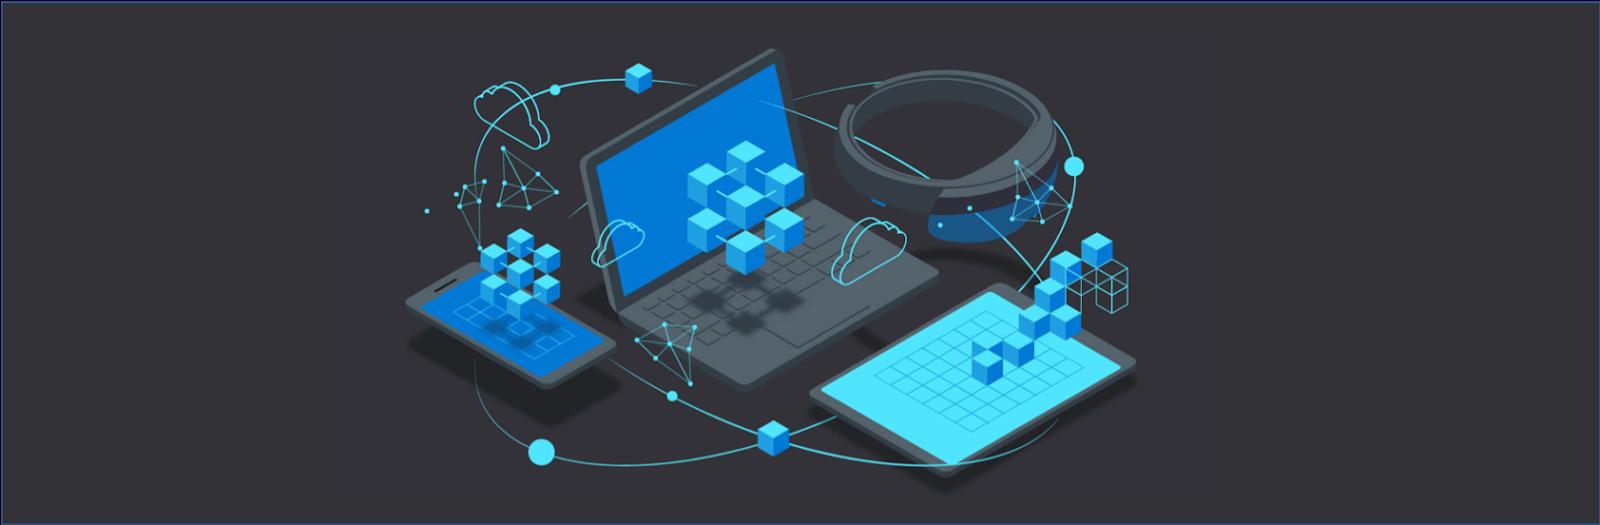 Microsoft-nuovi-servizi-azure-ai-iot-vr-blockchain